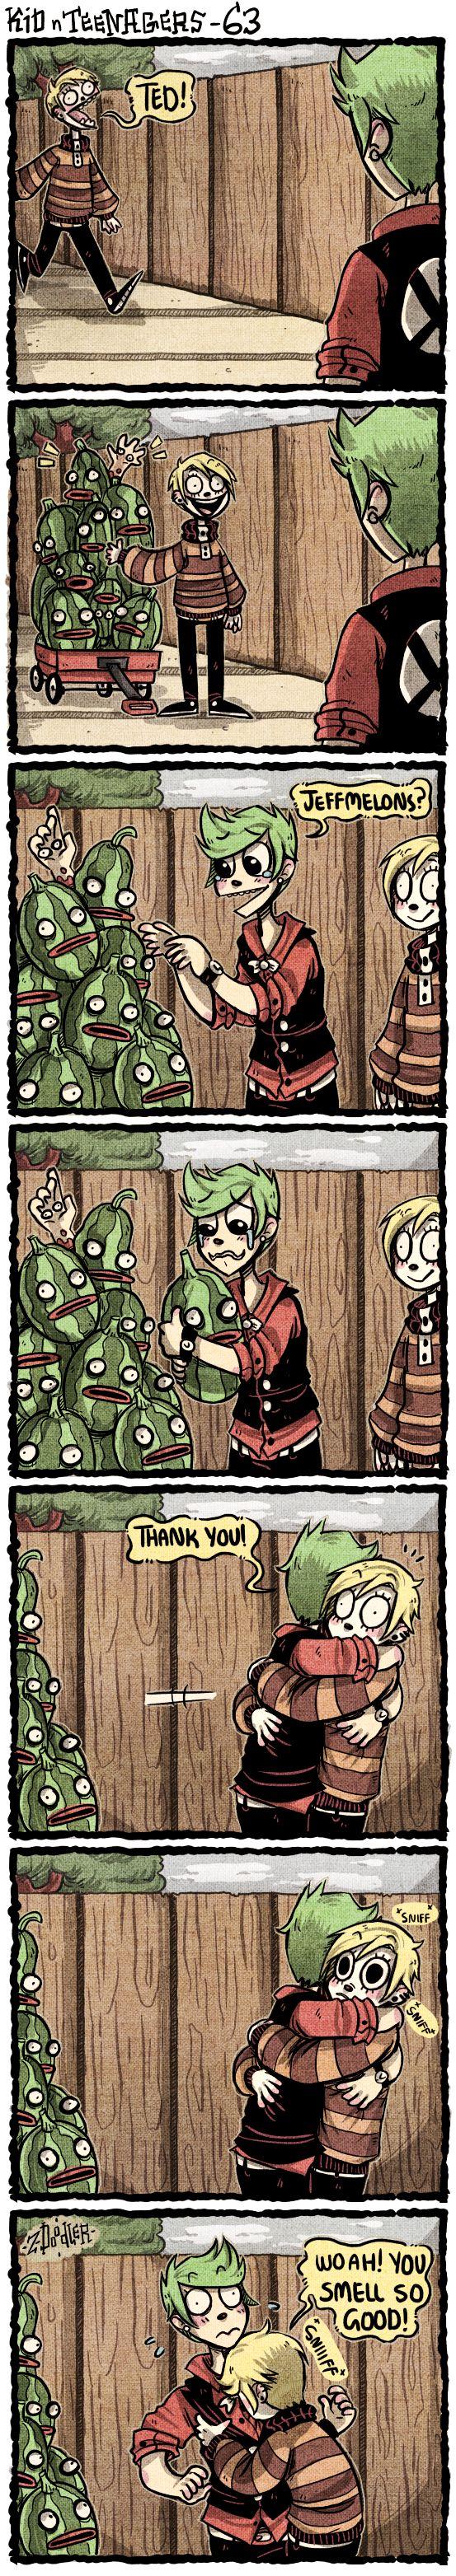 +KnT - So Many Jeffmelons+ by Z-Doodler.deviantart.com on @DeviantArt